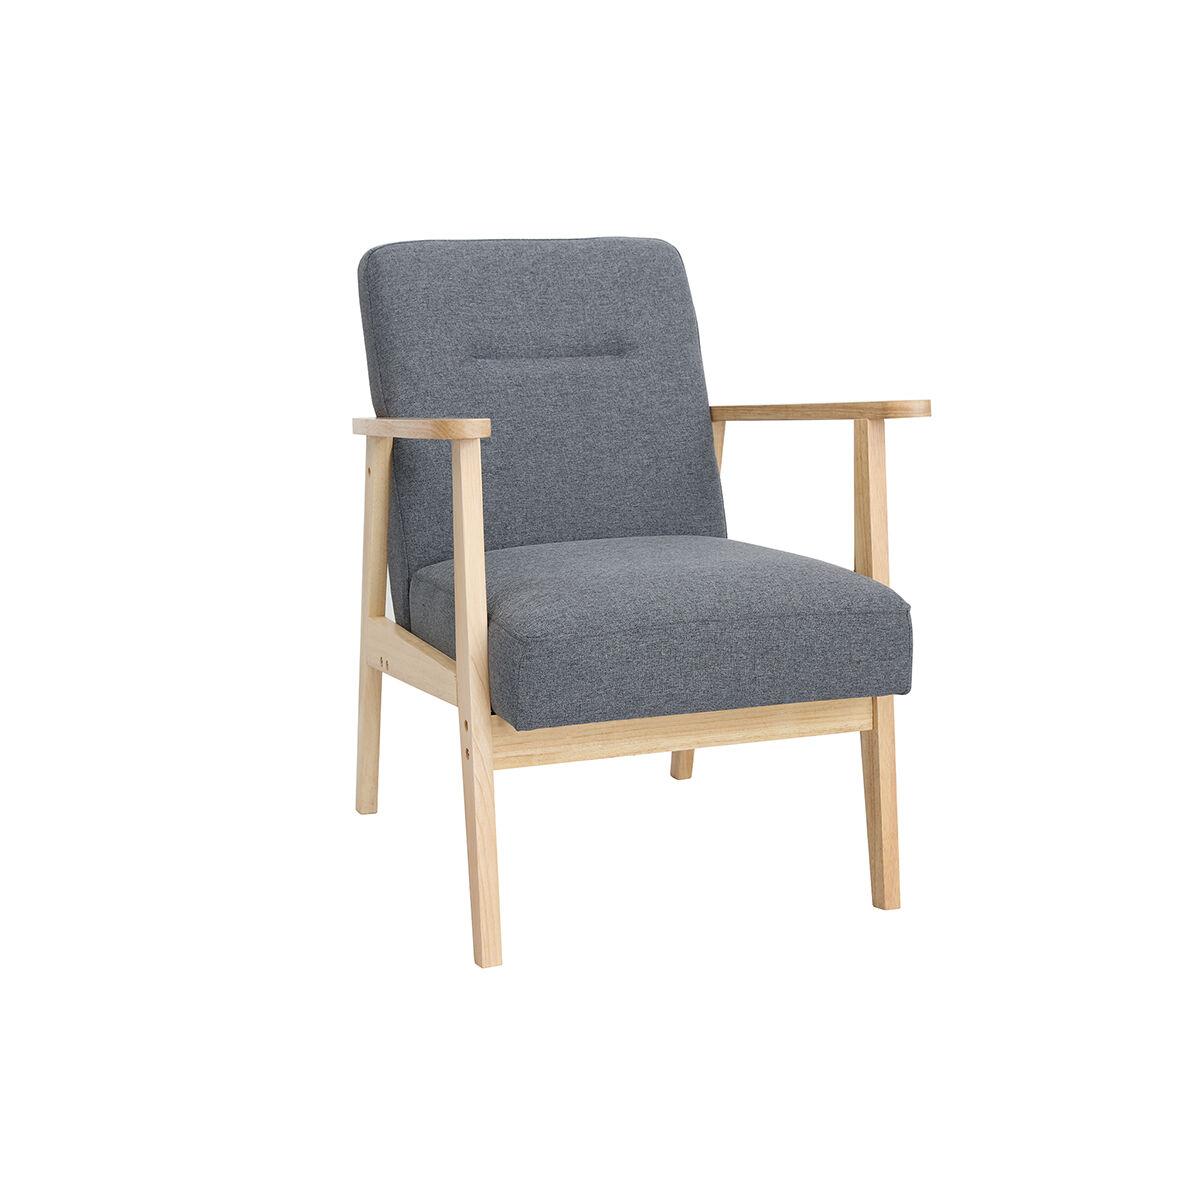 Miliboo Fauteuil scandinave gris et bois clair ABYSS